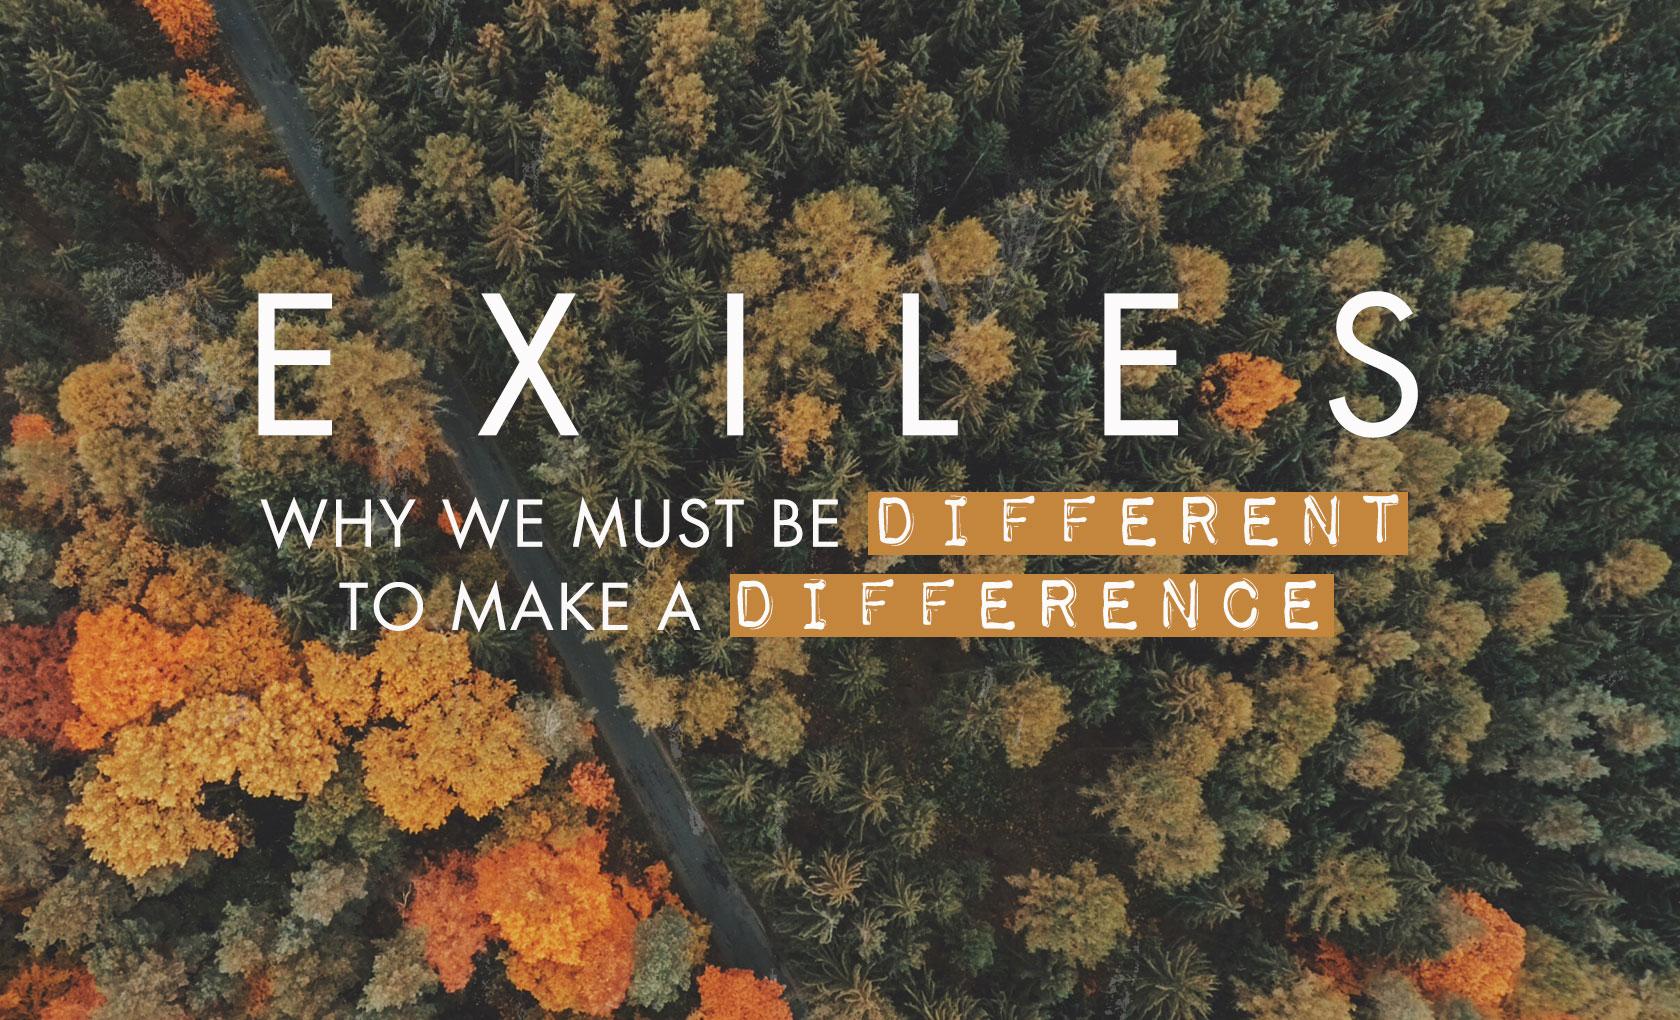 Exiles_SermonSeries_c1_v5.jpg